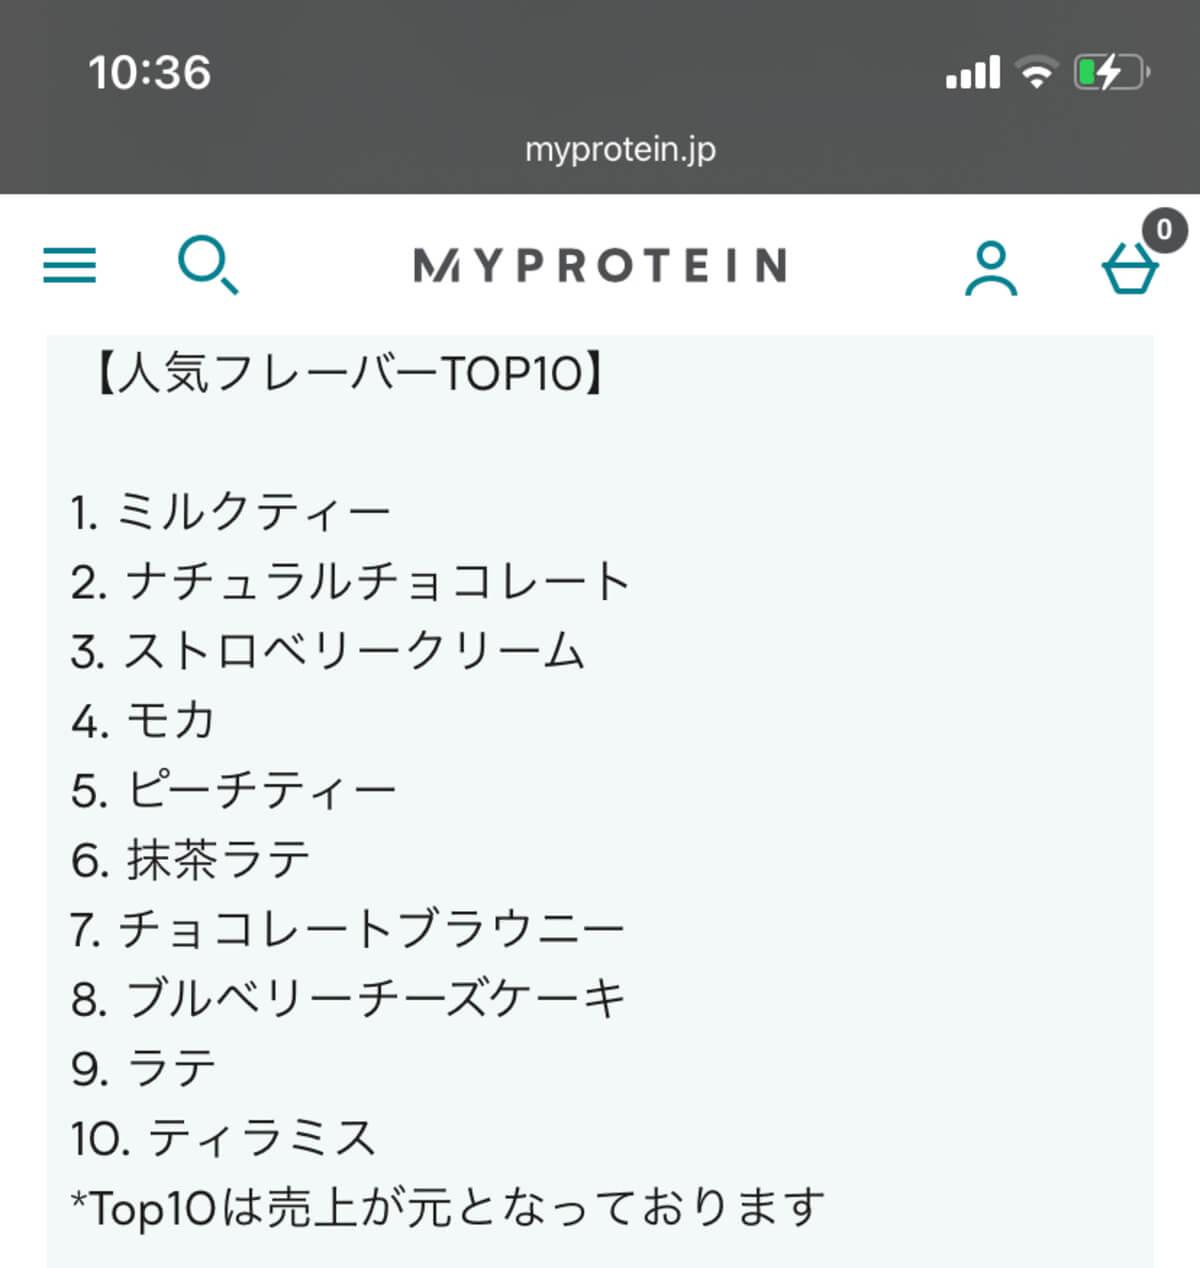 マイプロテイン人気TOP10